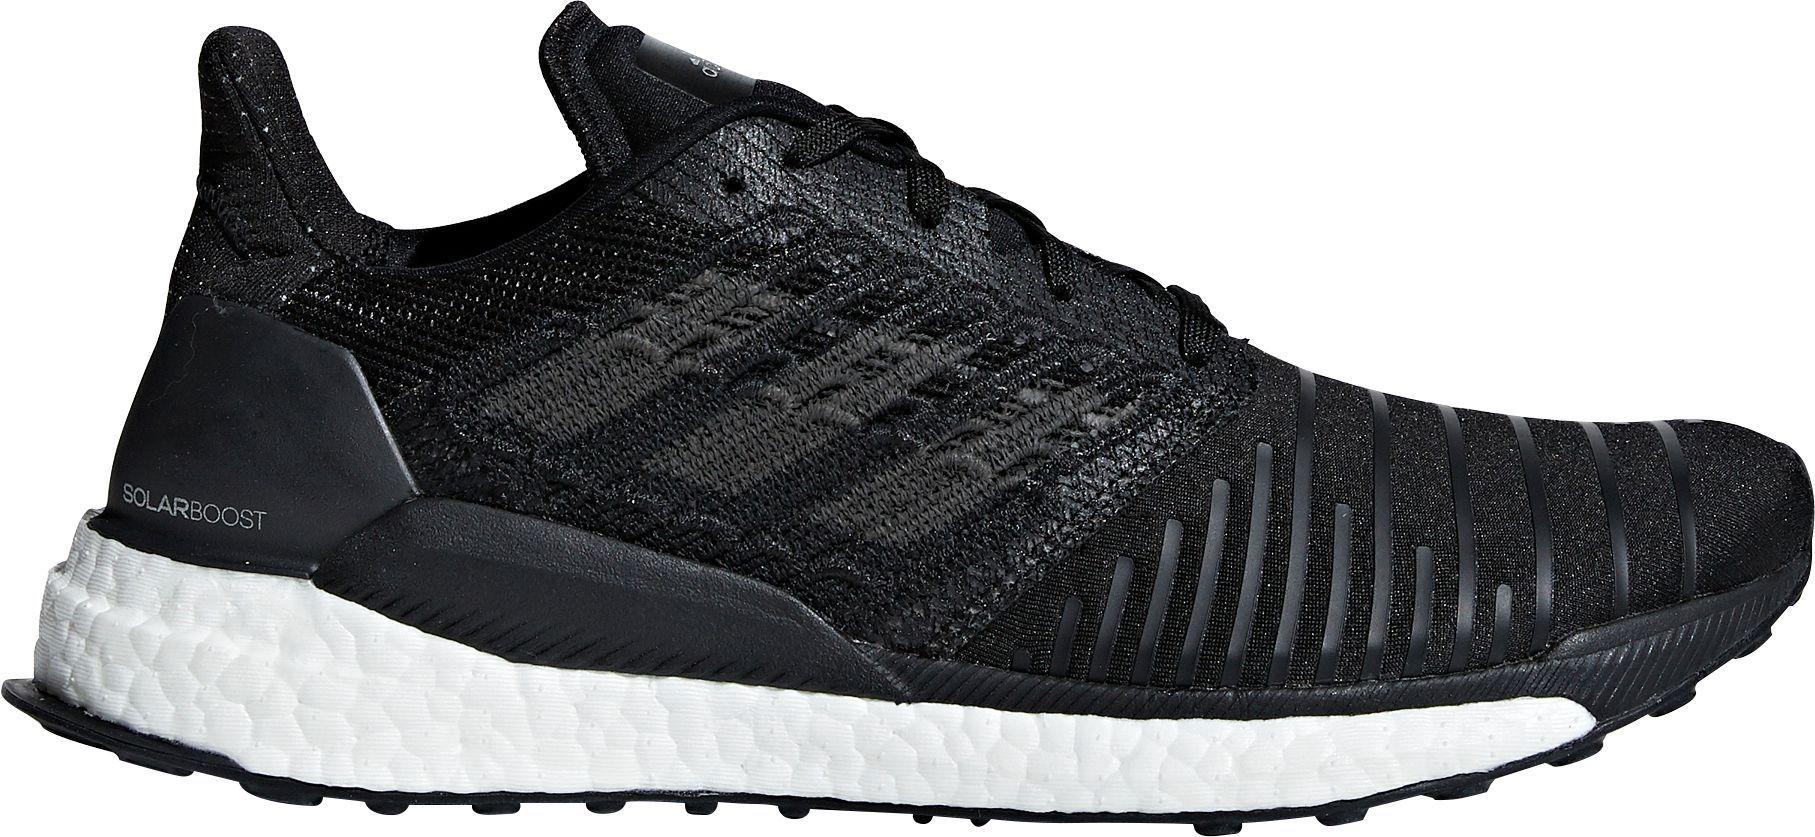 af4764fffa3 adidas Men s Solar Boost Running Shoes